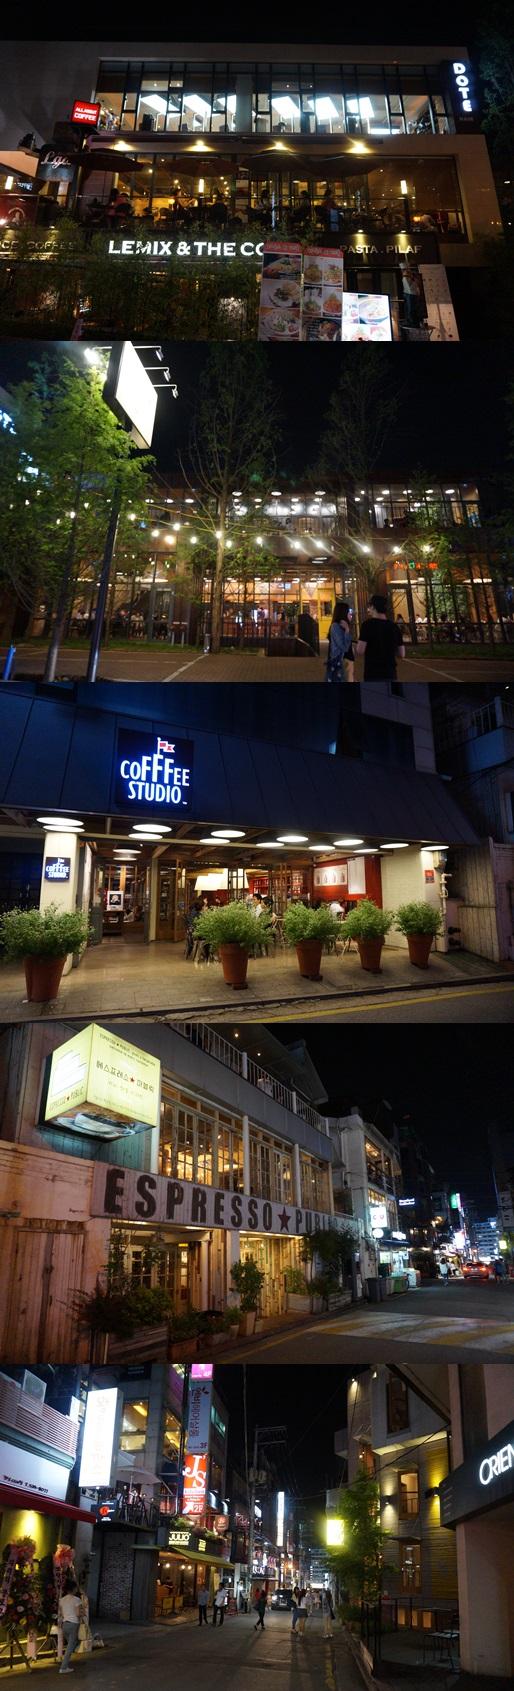 カンナムのホットスポット「シンノニョン駅」カフェ街